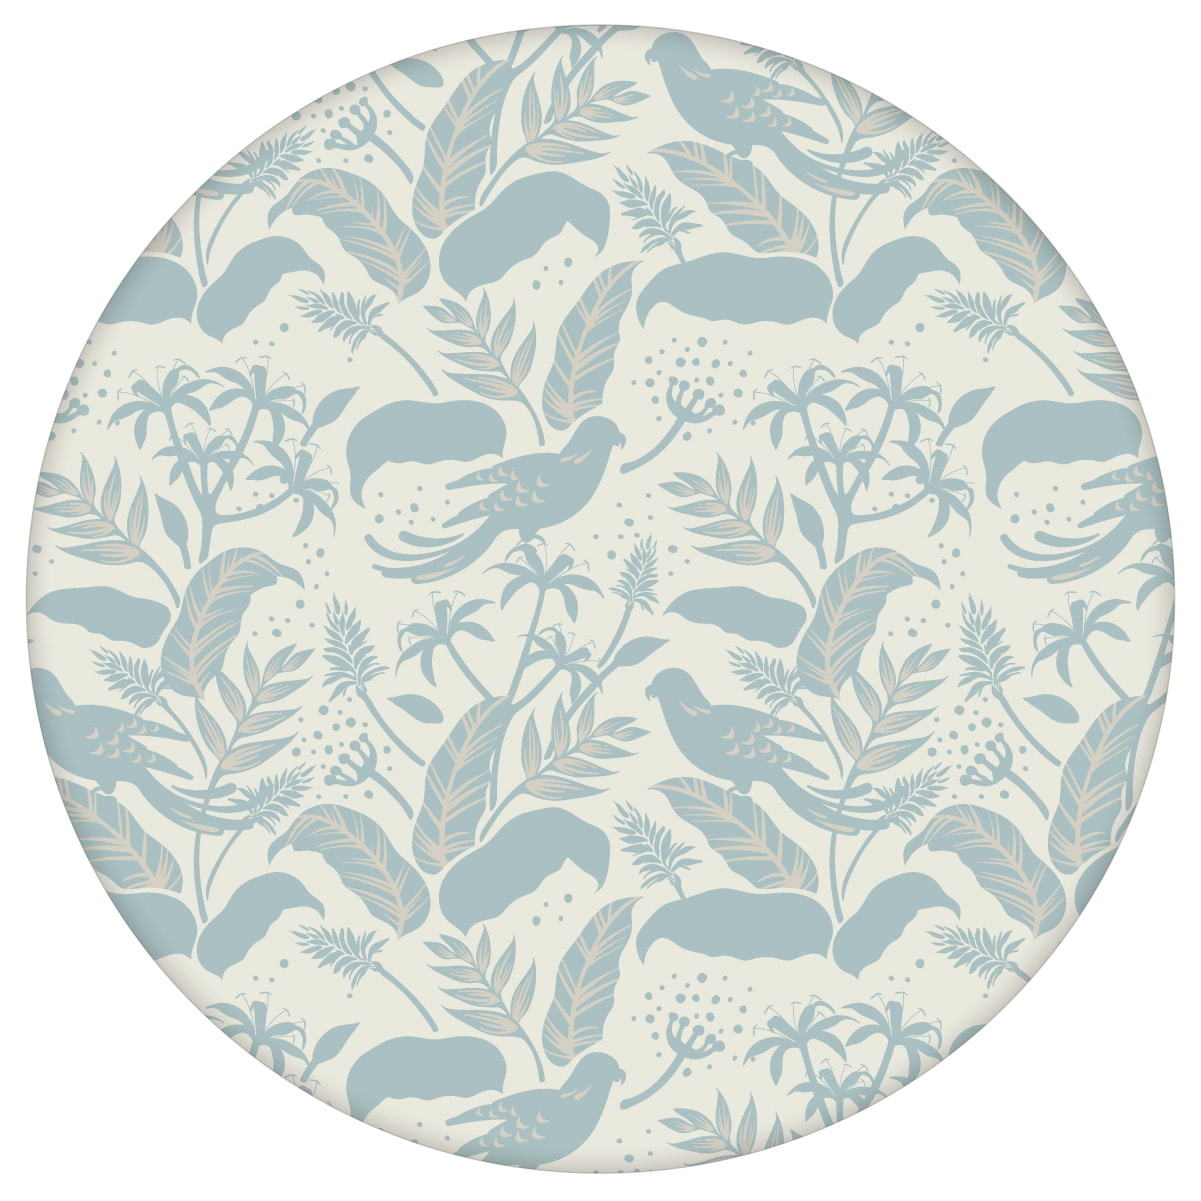 """Tropische Vogel Tapete """"Wild Birds"""" im Dschungel, hellblau beige Vlies Blumentapete für Schlafzimmeraus dem GMM-BERLIN.com Sortiment: blaue Tapete zur Raumgestaltung: #00175 #beige #beige – cremefarbene Tapeten #Blätter #Blaue Tapete #dschungel #hellblau #Papagei #schlafzimmer #Tier Tapete #tiere #tropisch #voegel für individuelles Interiordesign"""